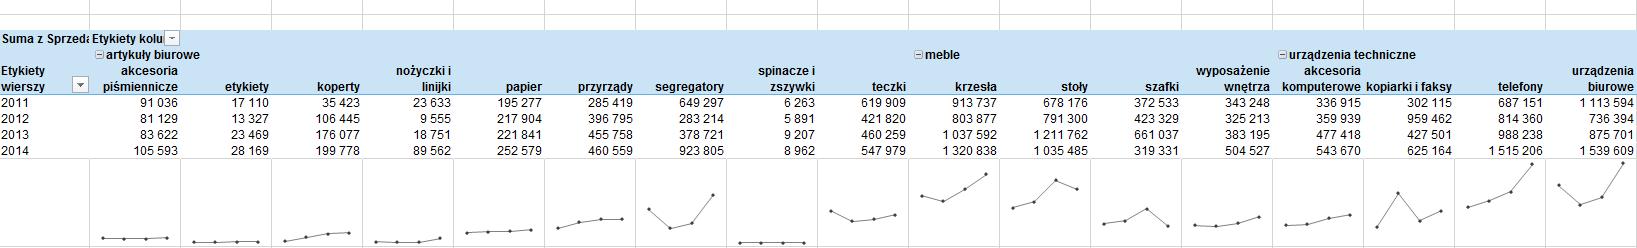 wykres panelowy wtabeli przestawnej Excel 12